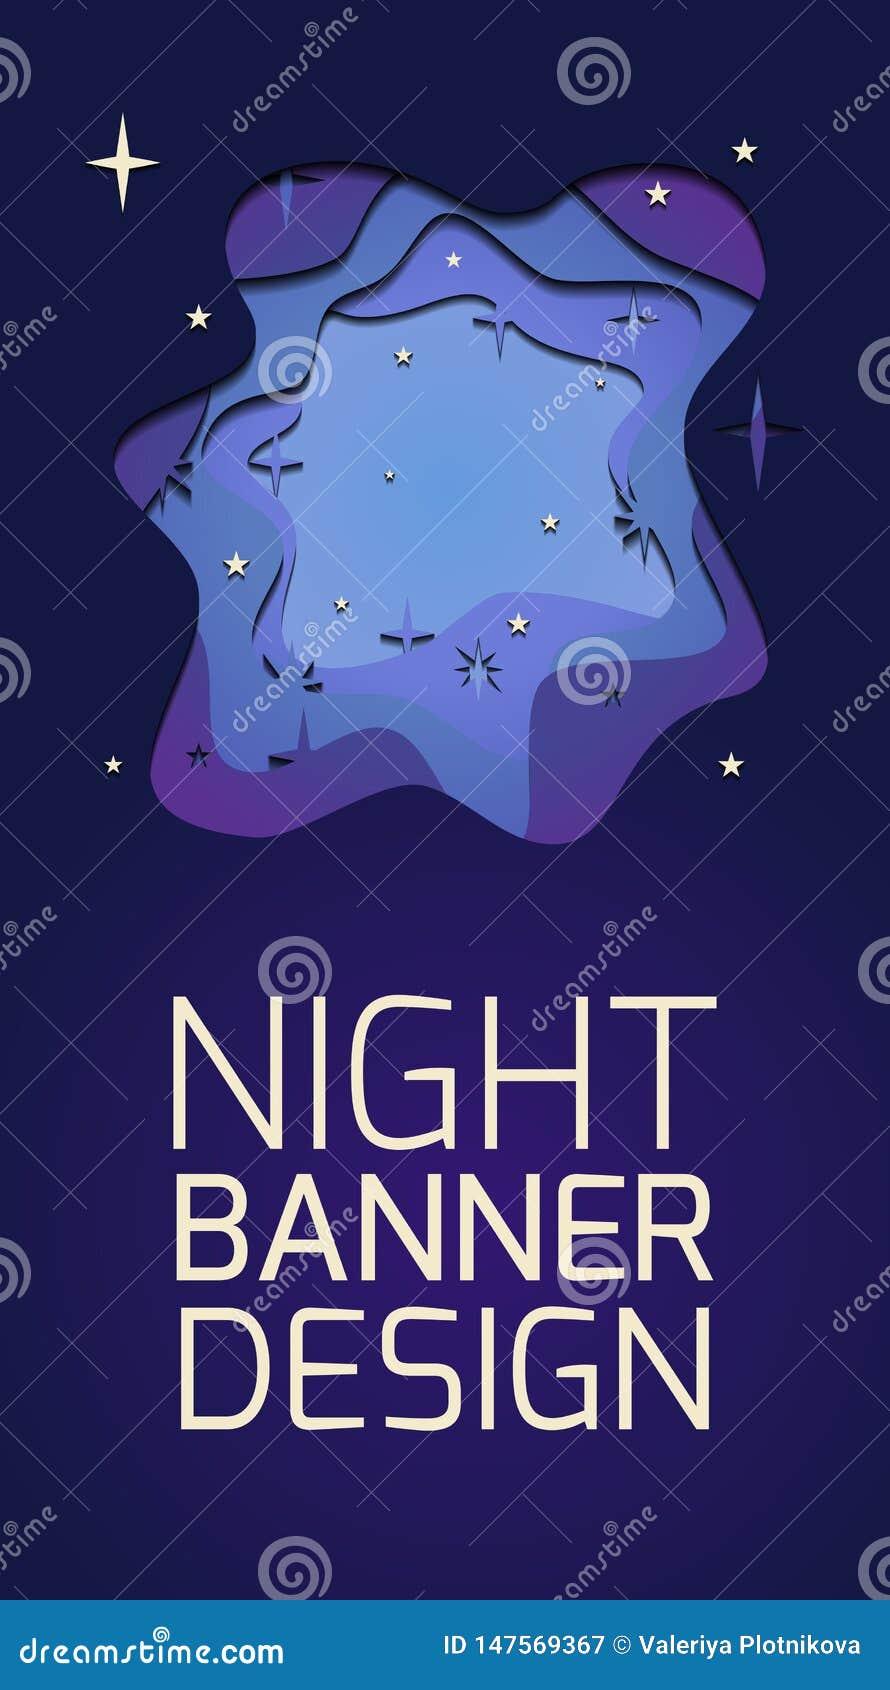 Вертикальное знамя с иллюстрацией слоя 3d ночи с отрезком звезд из бумаги и места для текста o